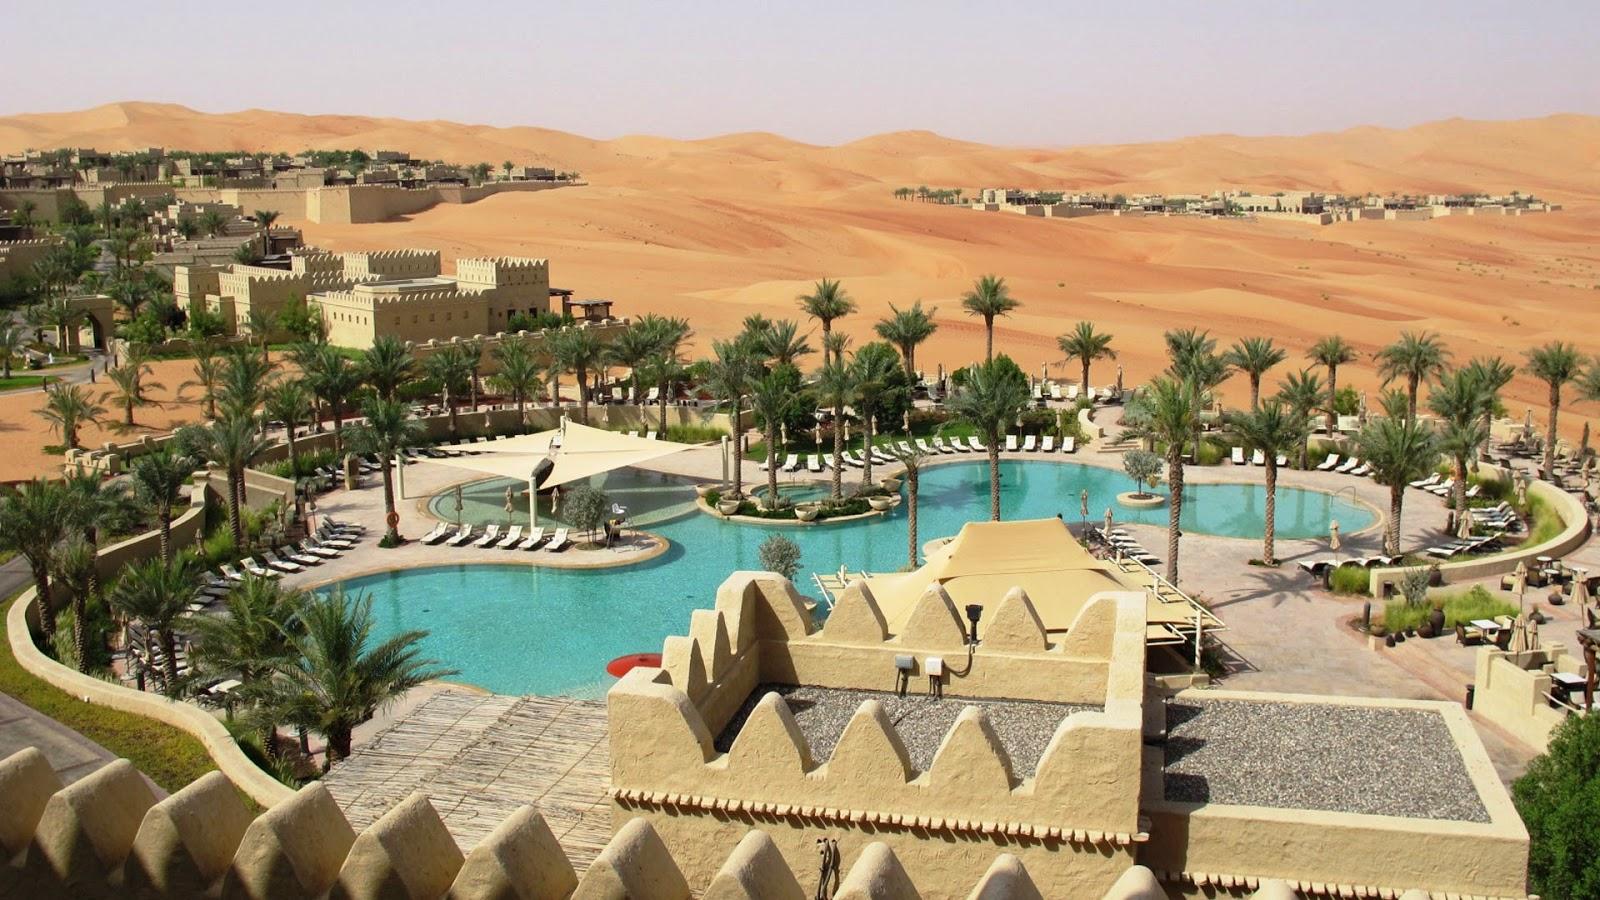 Oasis Hotel Dubai